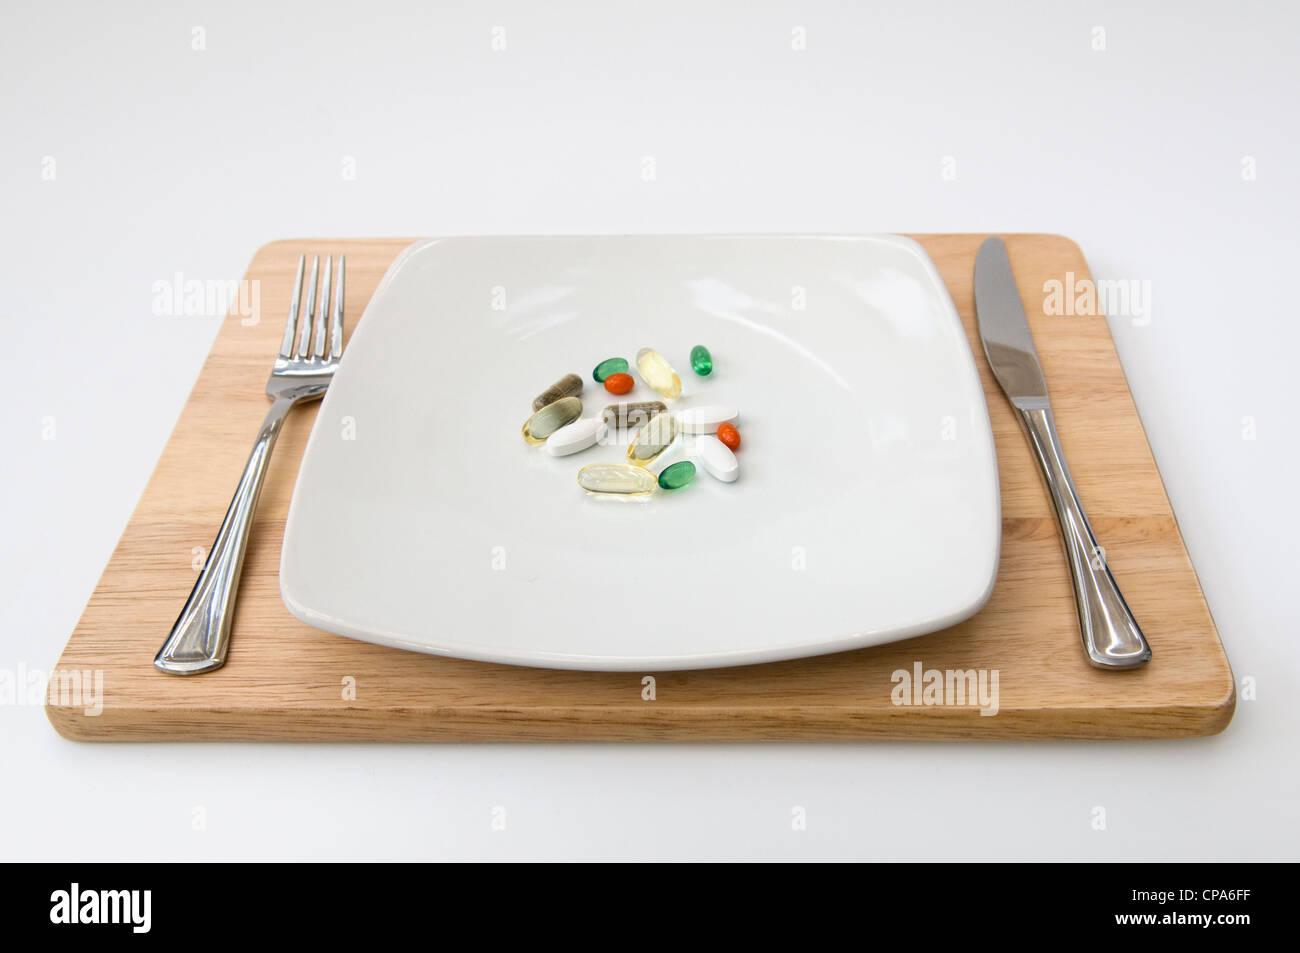 Le dîner d'une sélection de vitamines (omega 3, Co-enzyme Q10, menthe, chondroïtine, ginkgo et ginseng) sur fond Banque D'Images